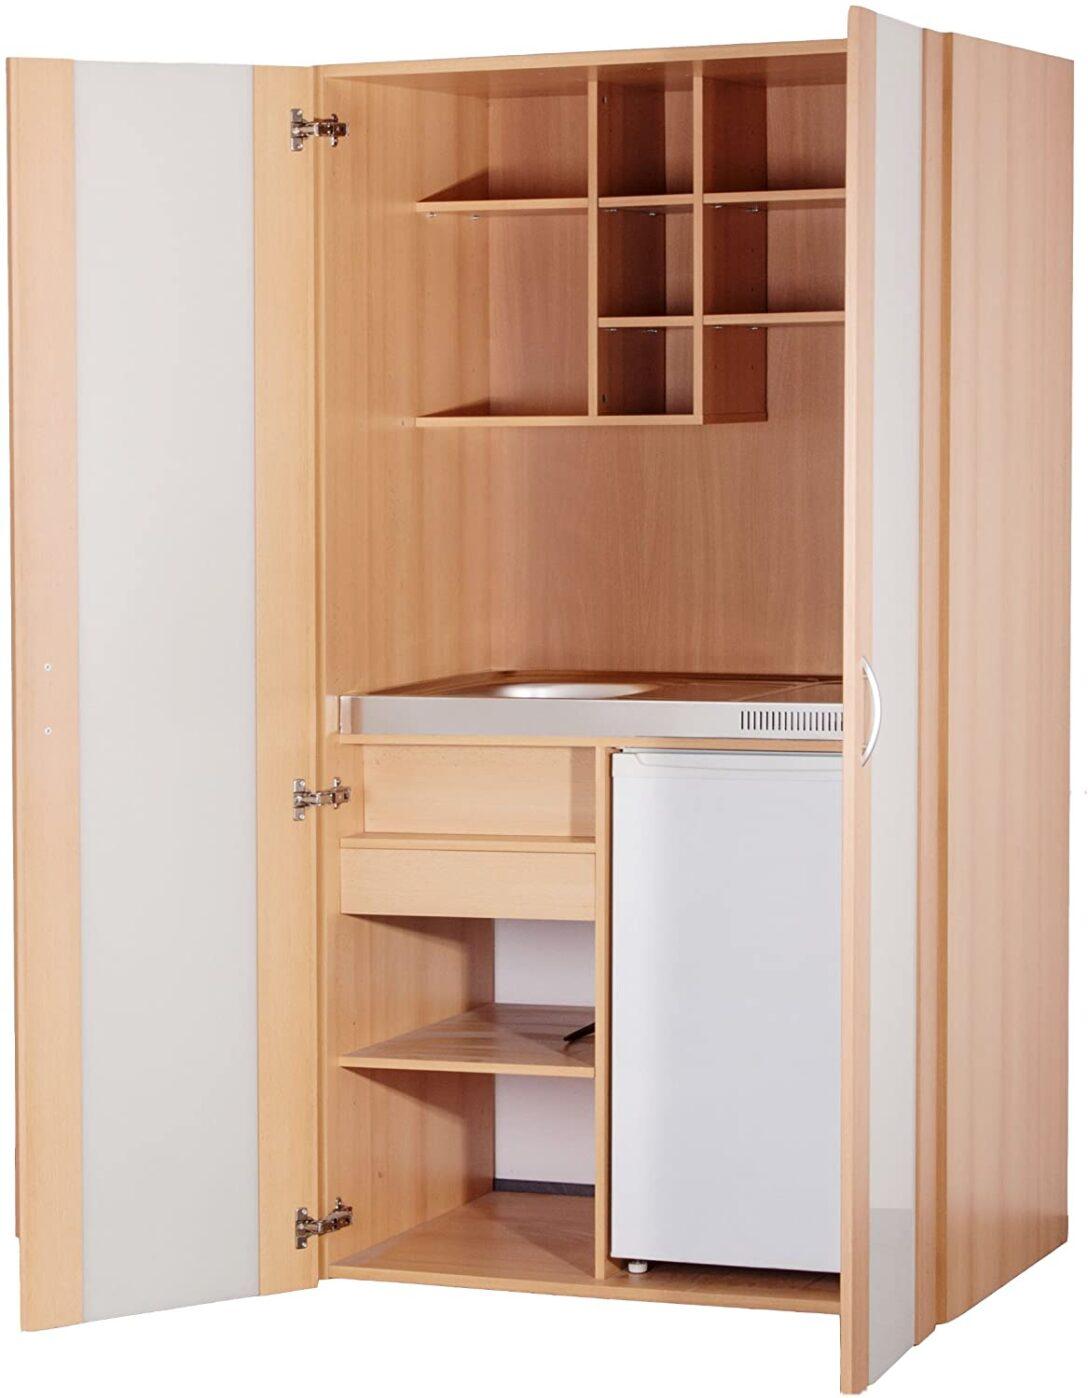 Large Size of Ikea Miniküchen Mk0009s Kche Sofa Mit Schlaffunktion Modulküche Küche Kosten Betten 160x200 Bei Kaufen Miniküche Wohnzimmer Ikea Miniküchen